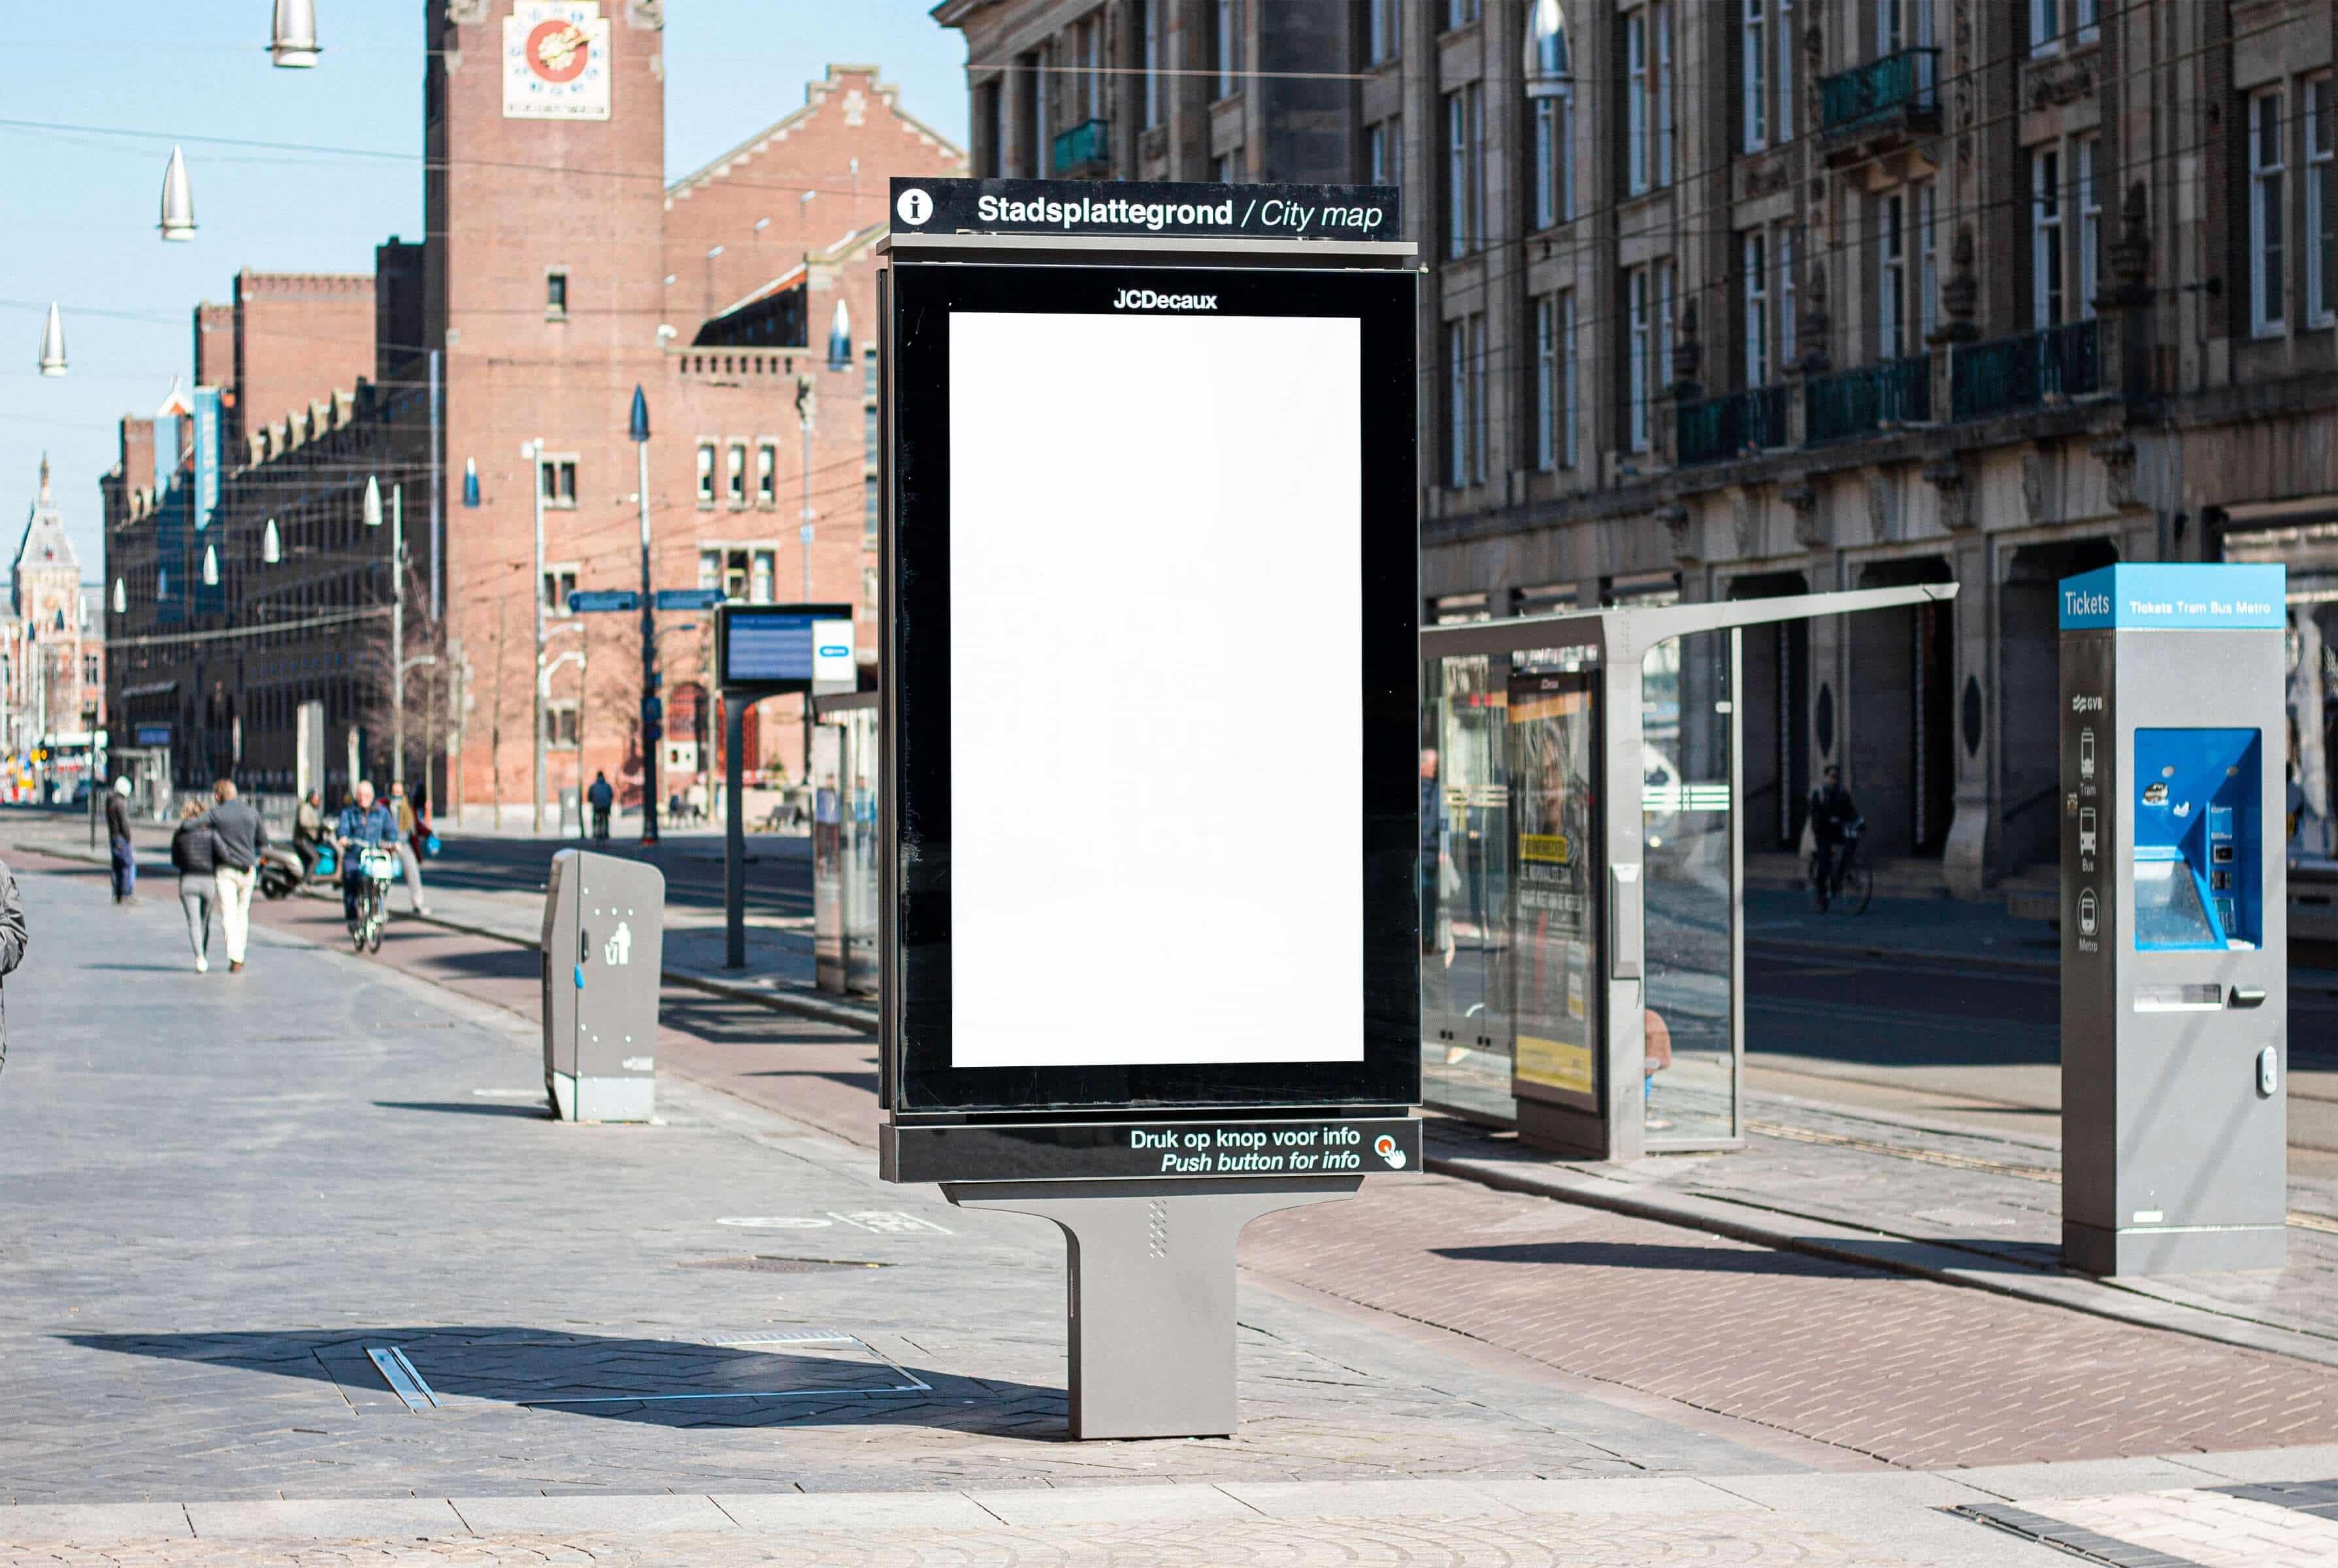 Anzeigentafel für Digital Out-of-Home-Werbung